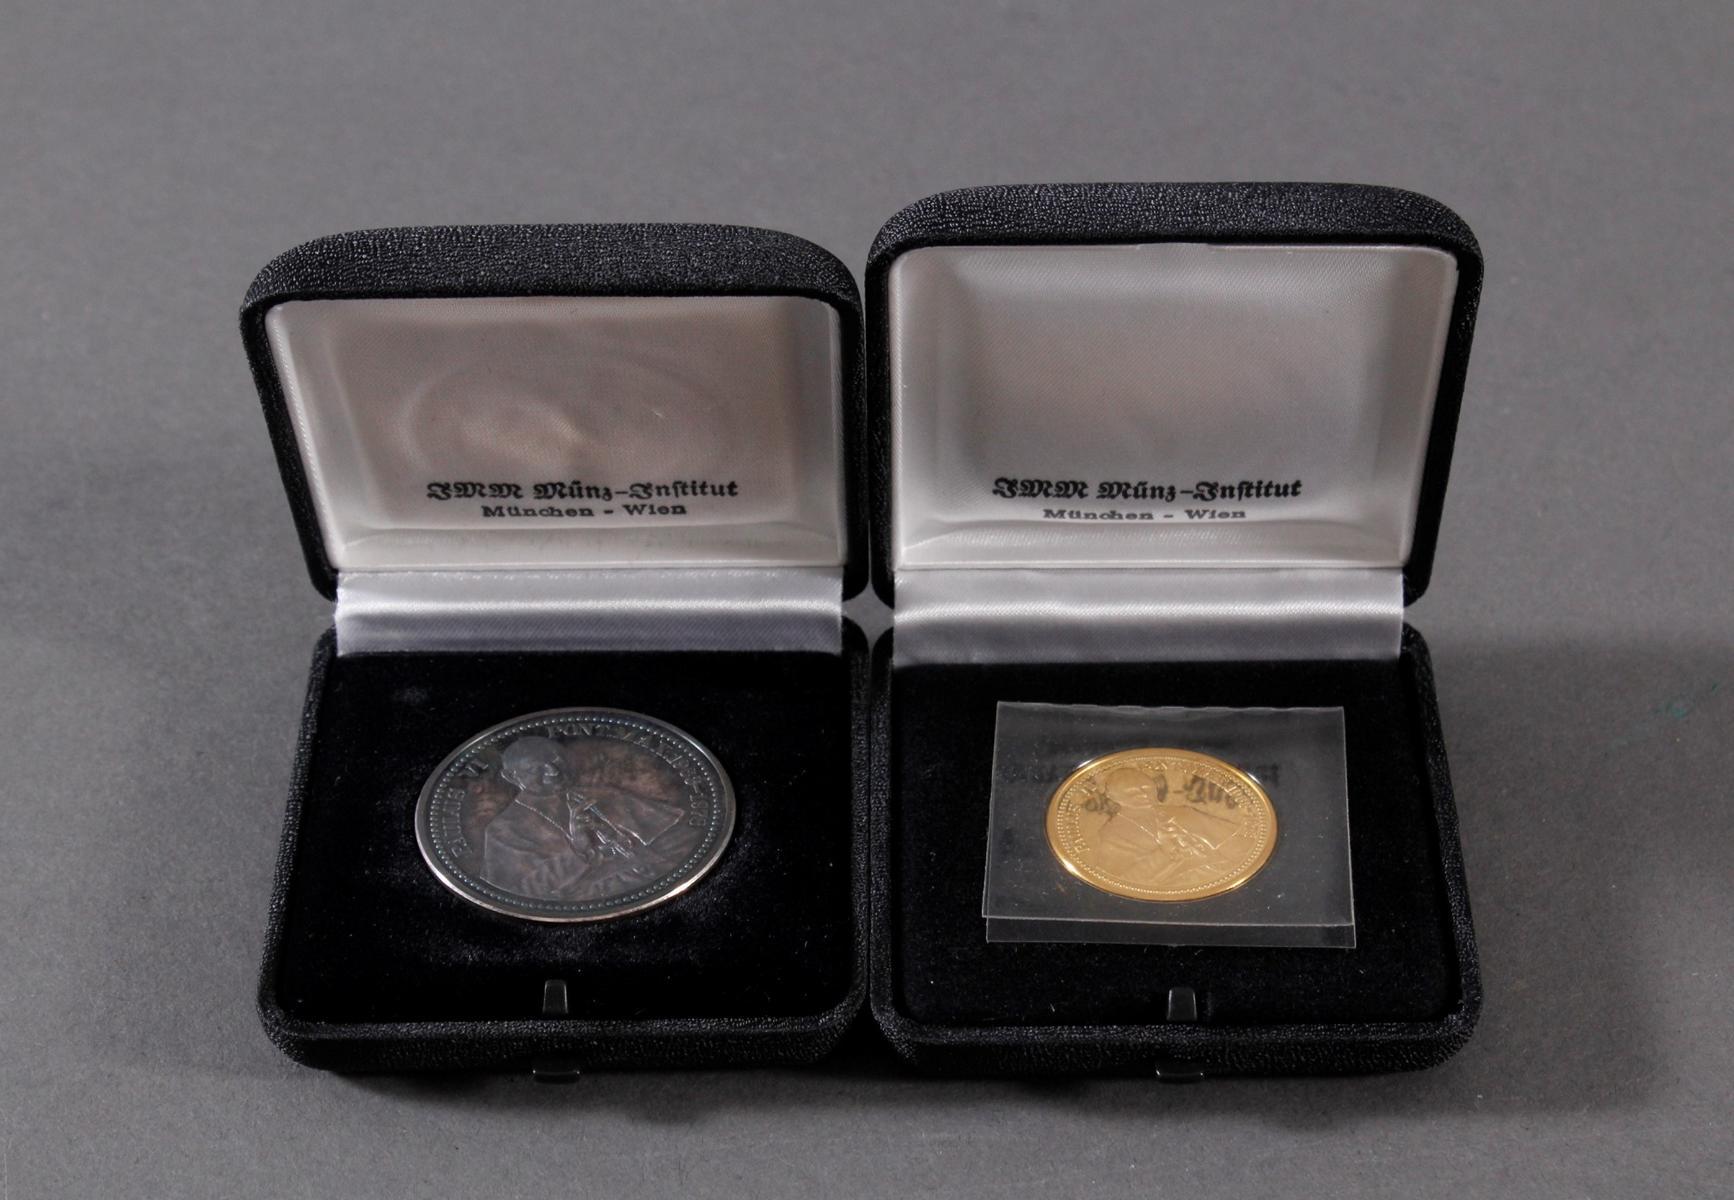 Die Papst Paul VI. Gedenkmedaillen in Silber und Gold